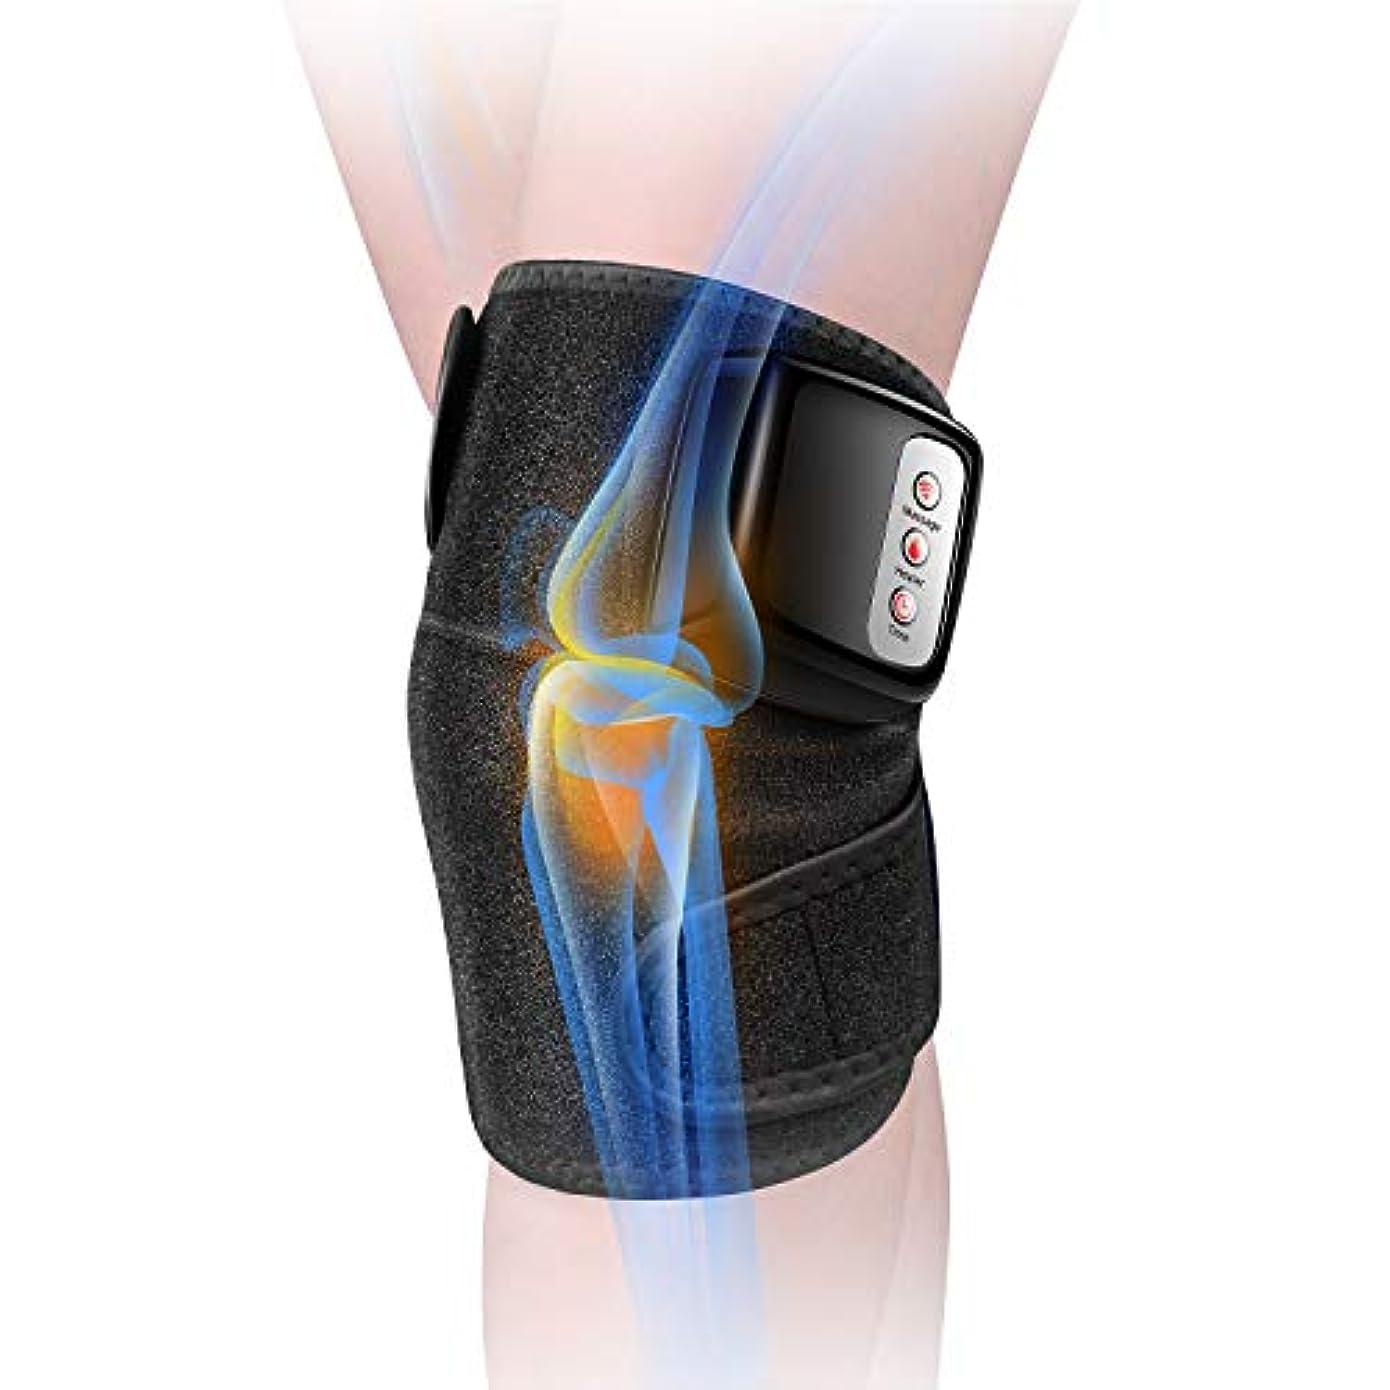 構想する砦カウンタ膝マッサージャー 関節マッサージャー マッサージ器 フットマッサージャー 振動 赤外線療法 温熱療法 膝サポーター ストレス解消 肩 太もも/腕対応